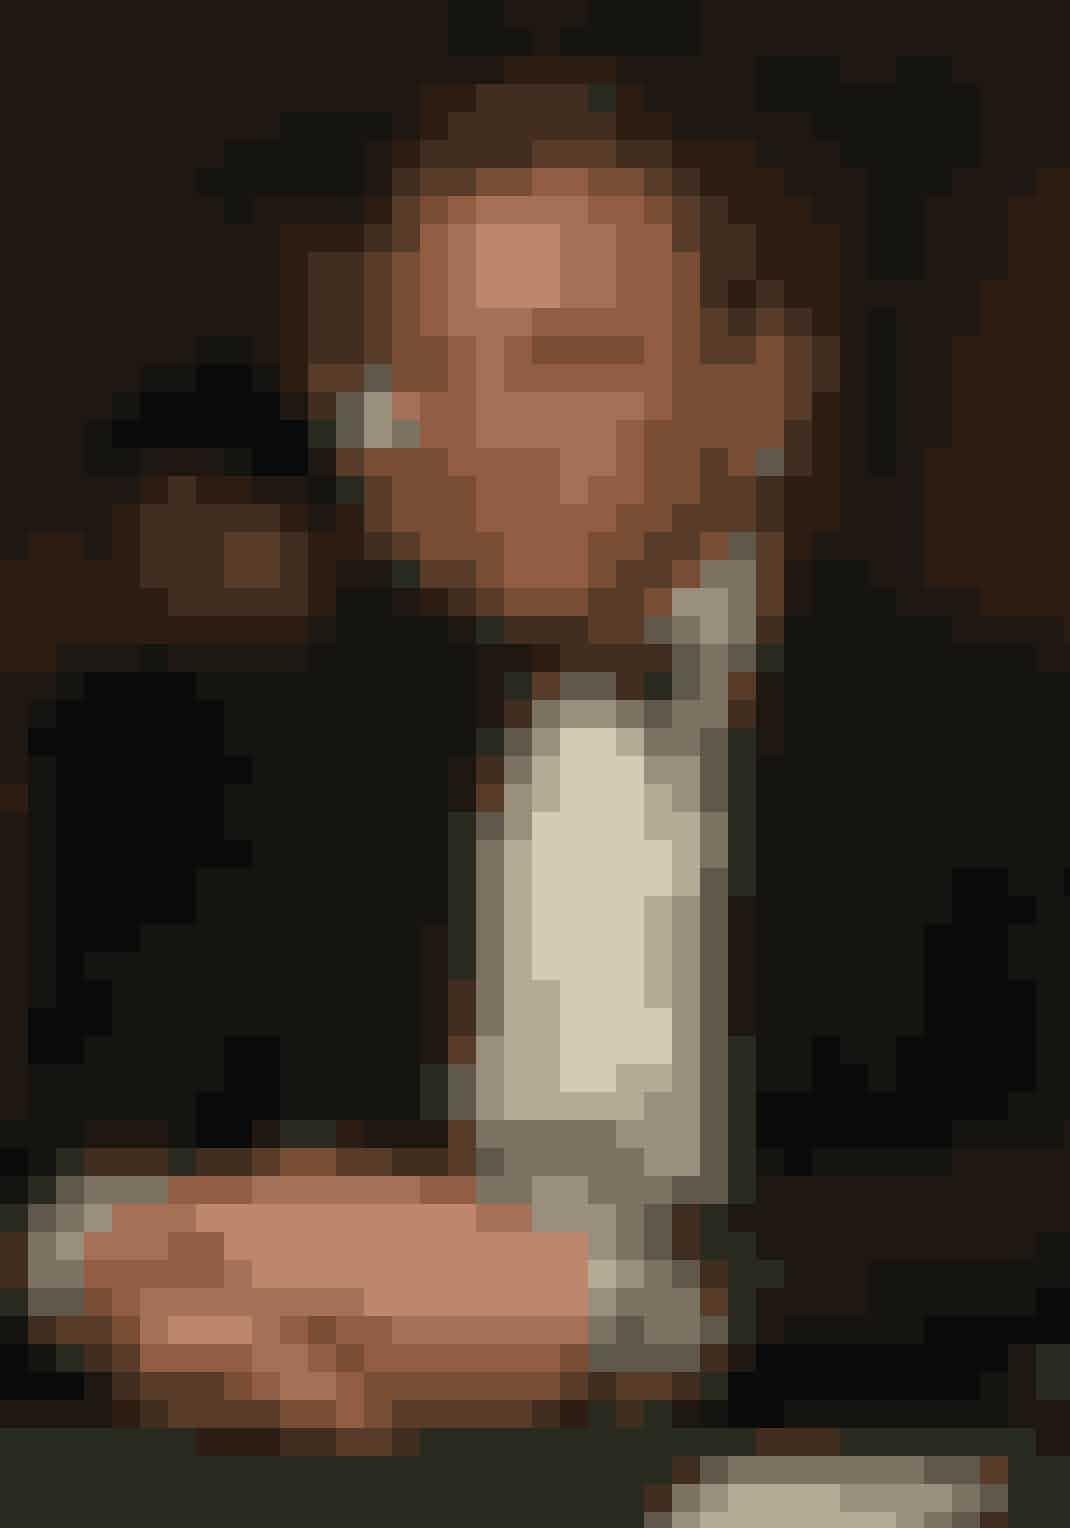 James Bond har haft Omega-ur siden 1995, og det schweiziske urfirma har endda lanceret særudgaver af Seamaster-uret til ære for Agent 007.